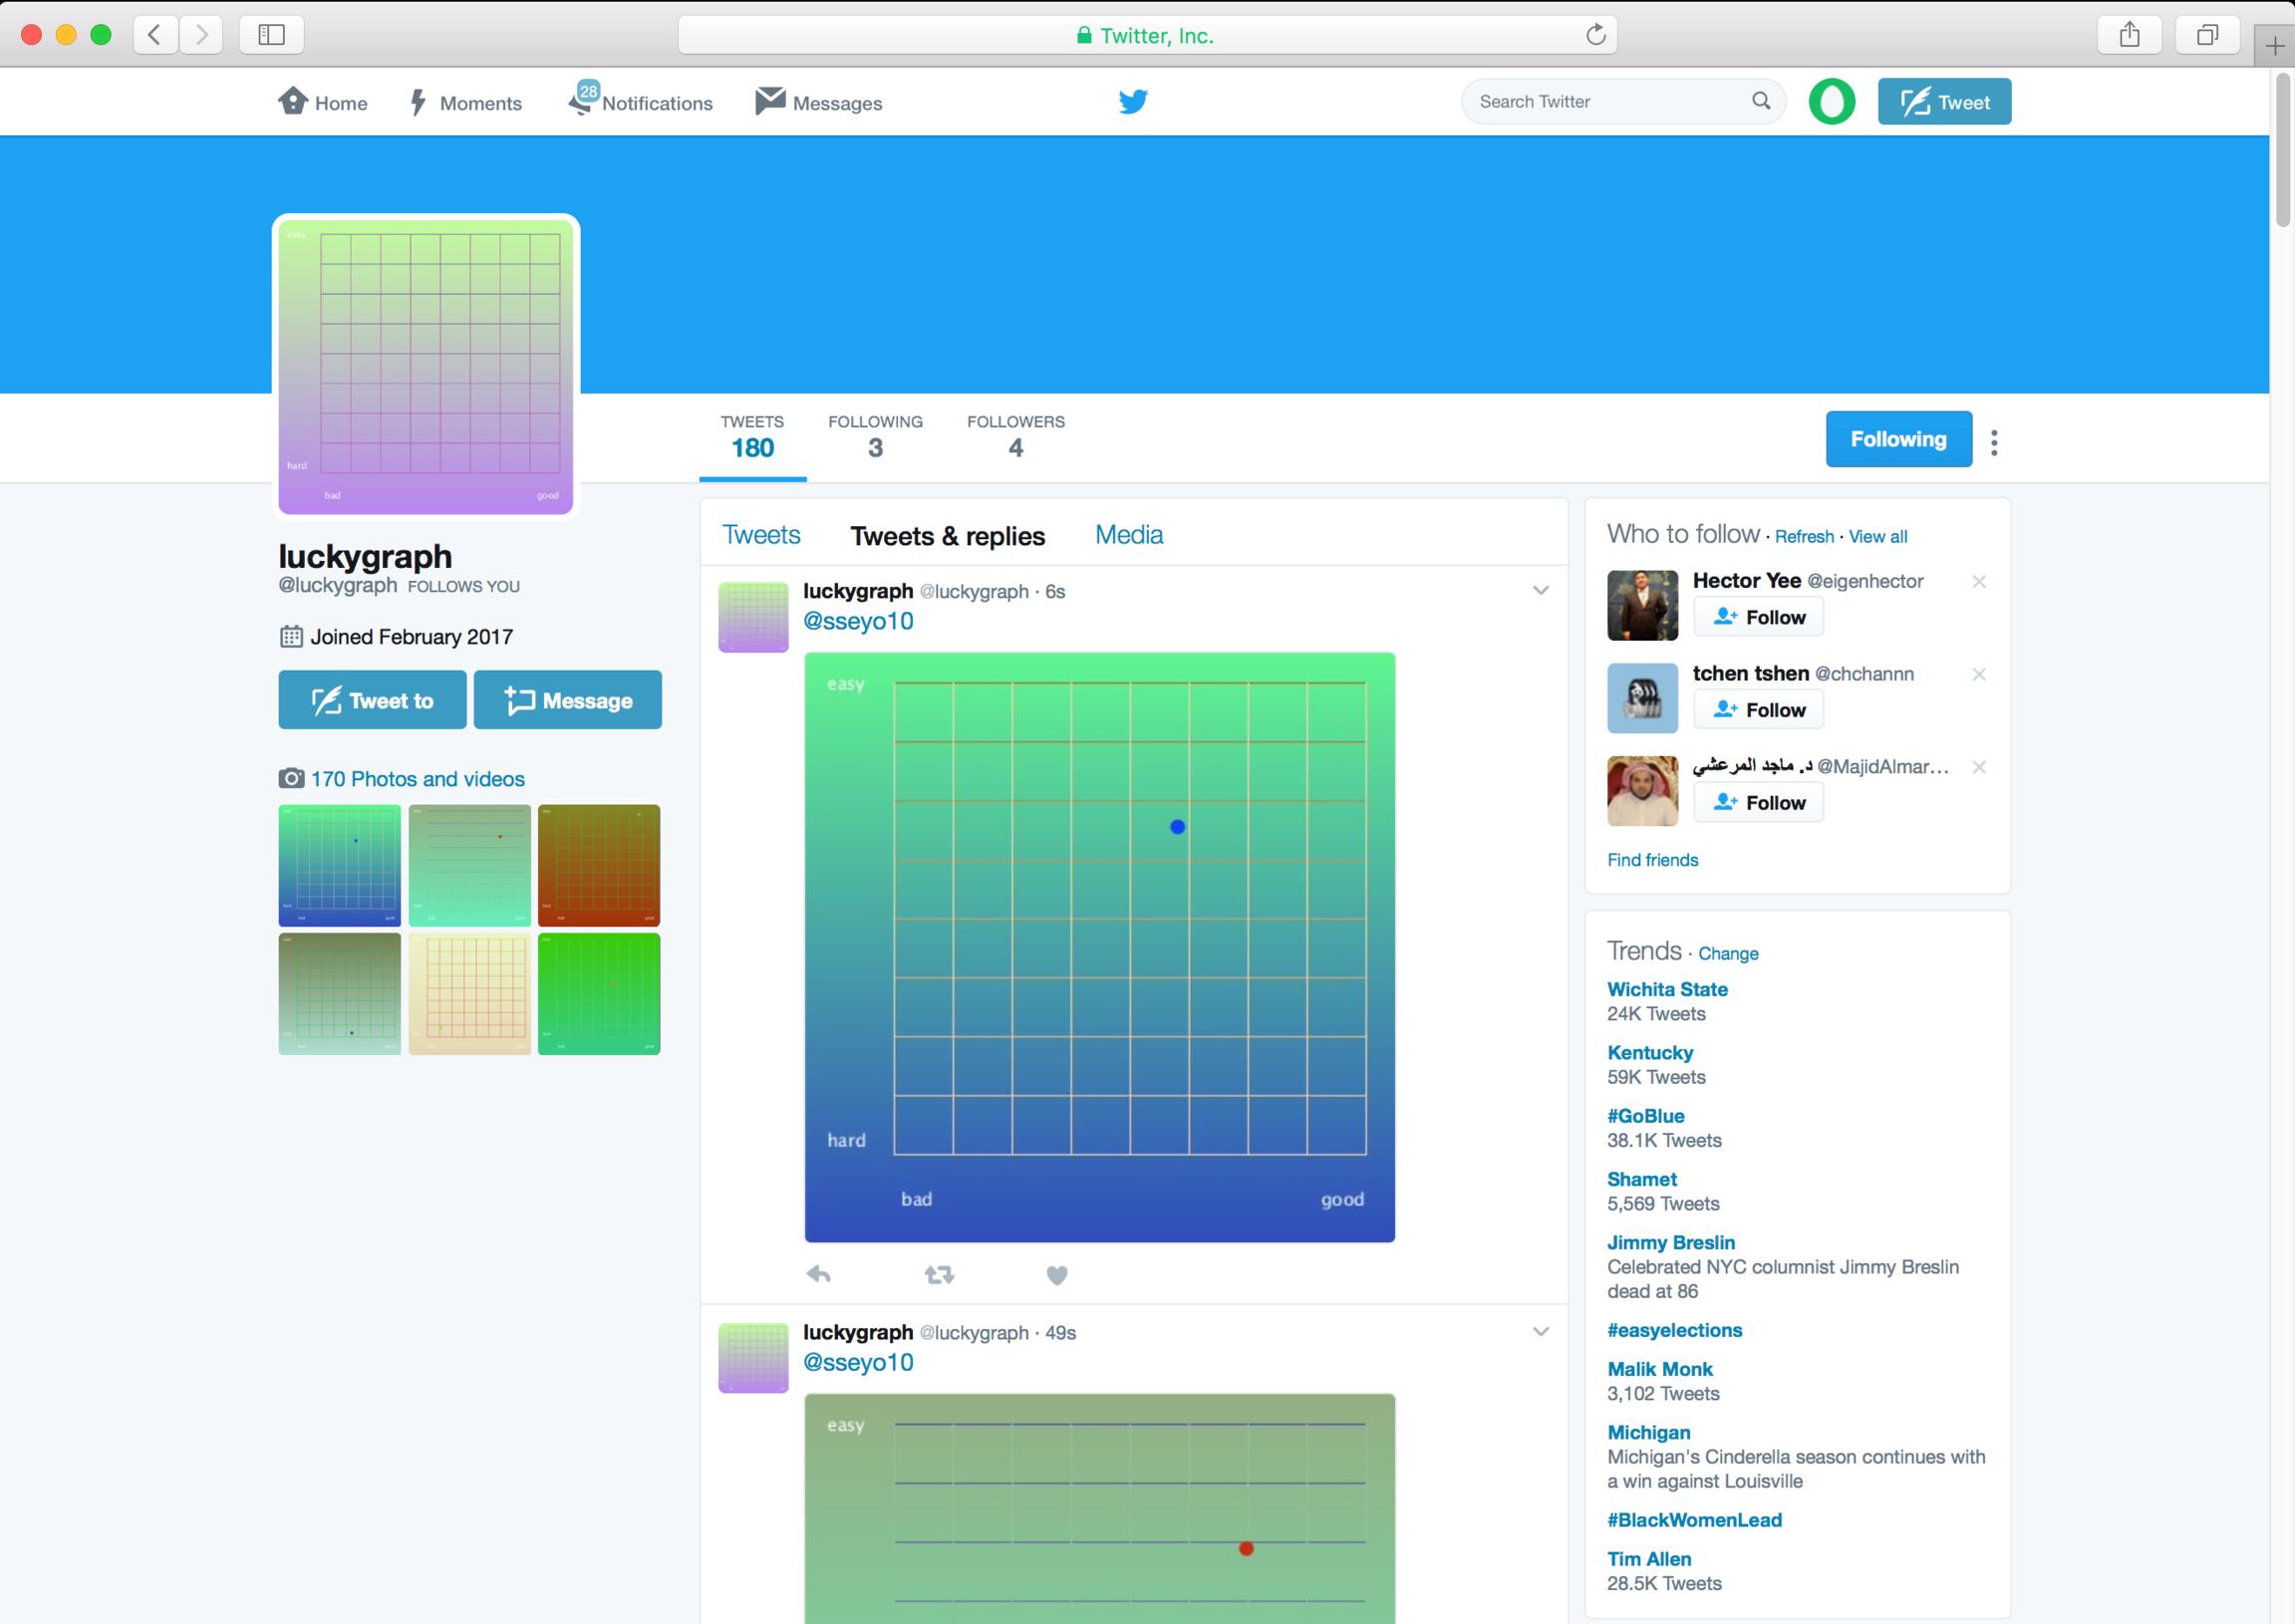 Lucky Graph - Twitter Bot